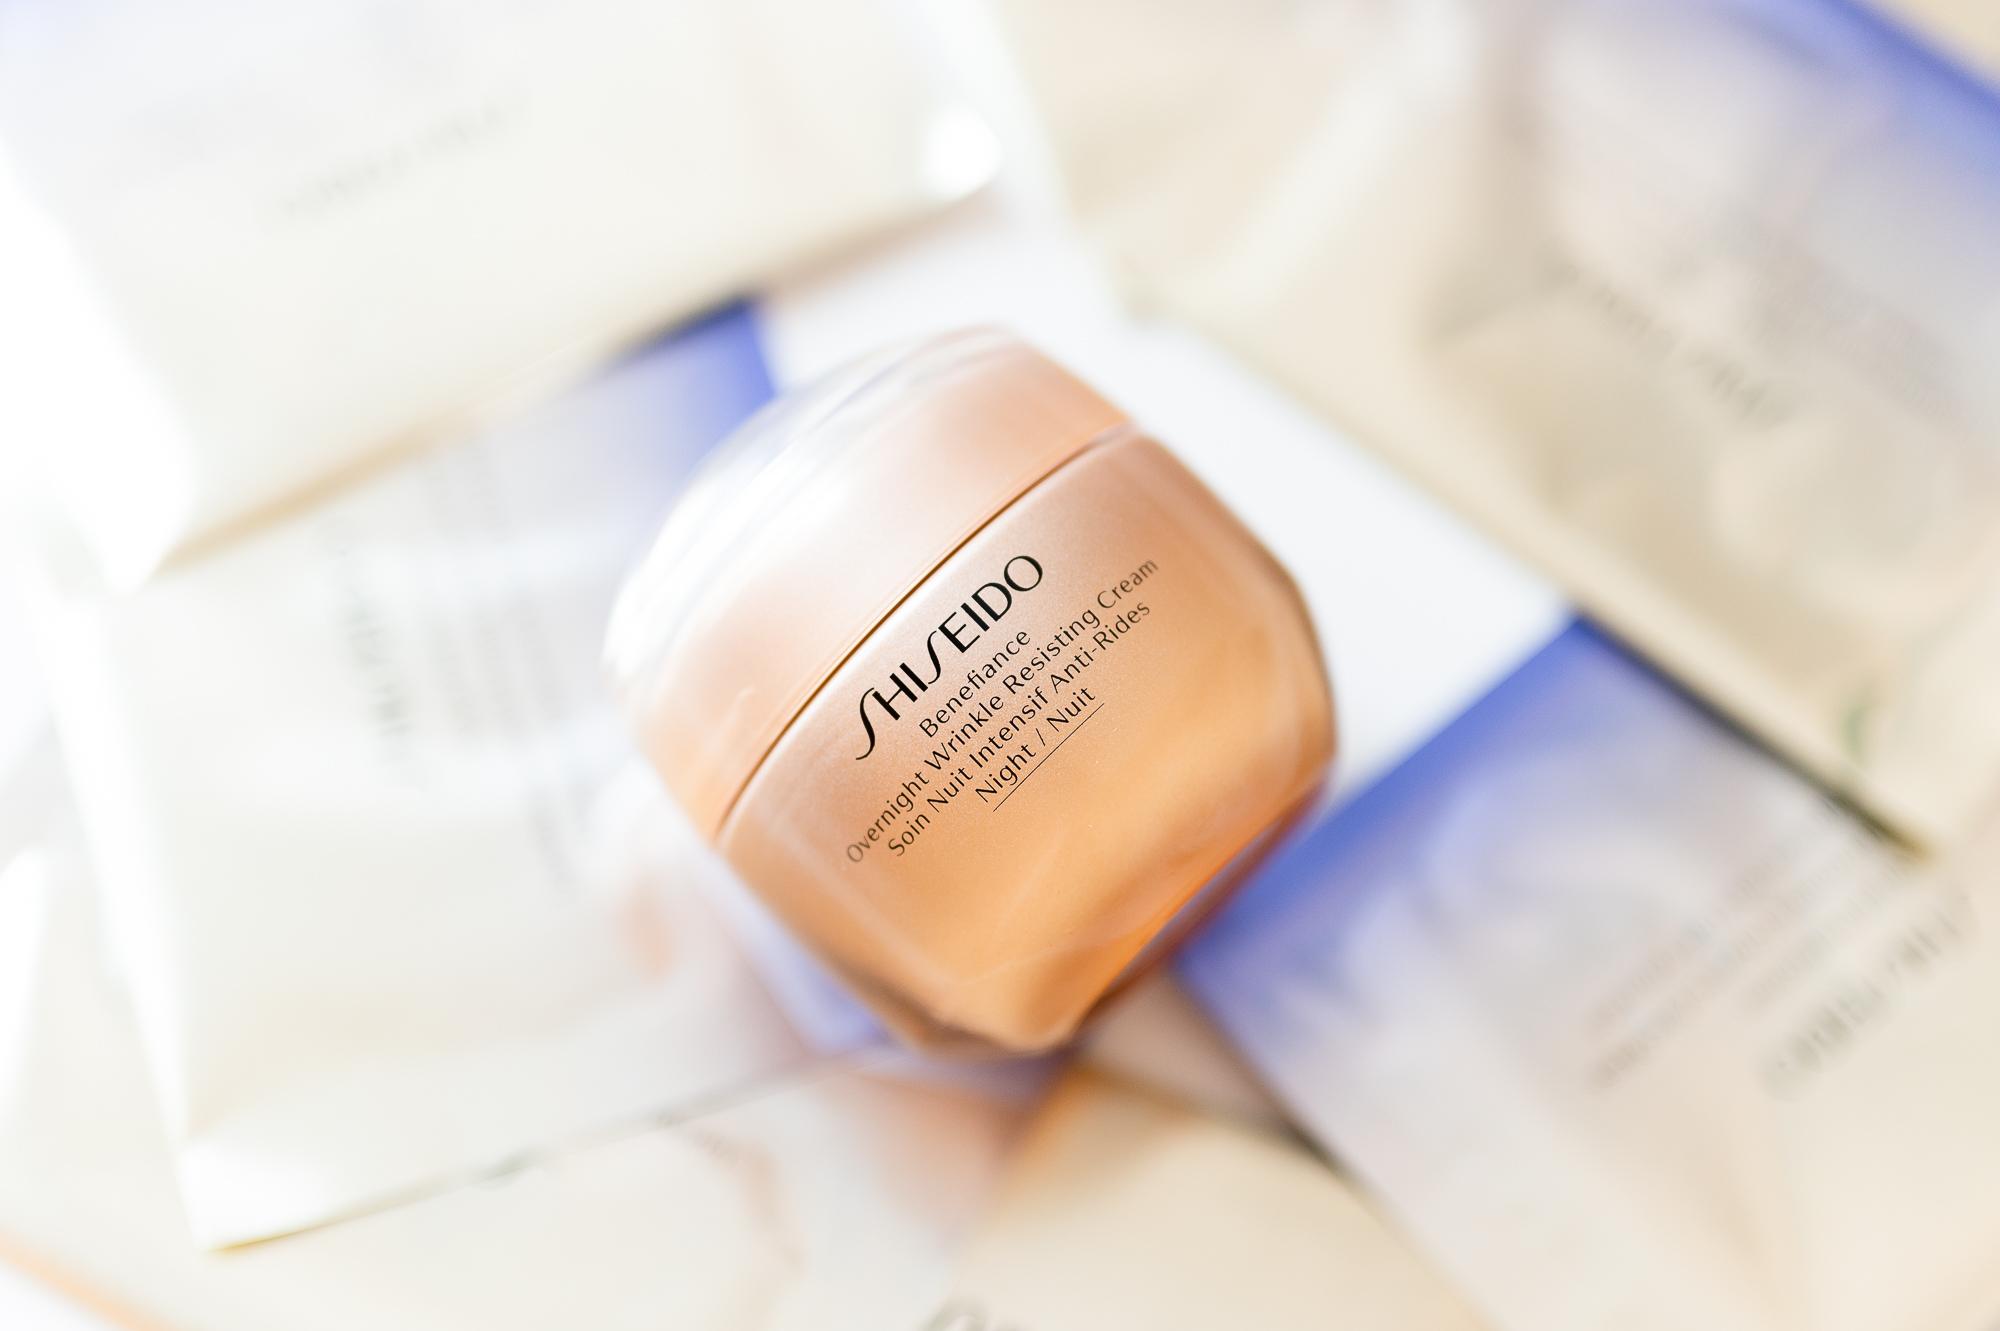 Shiseido Beneficiance - Mon Petit Quelque Chose